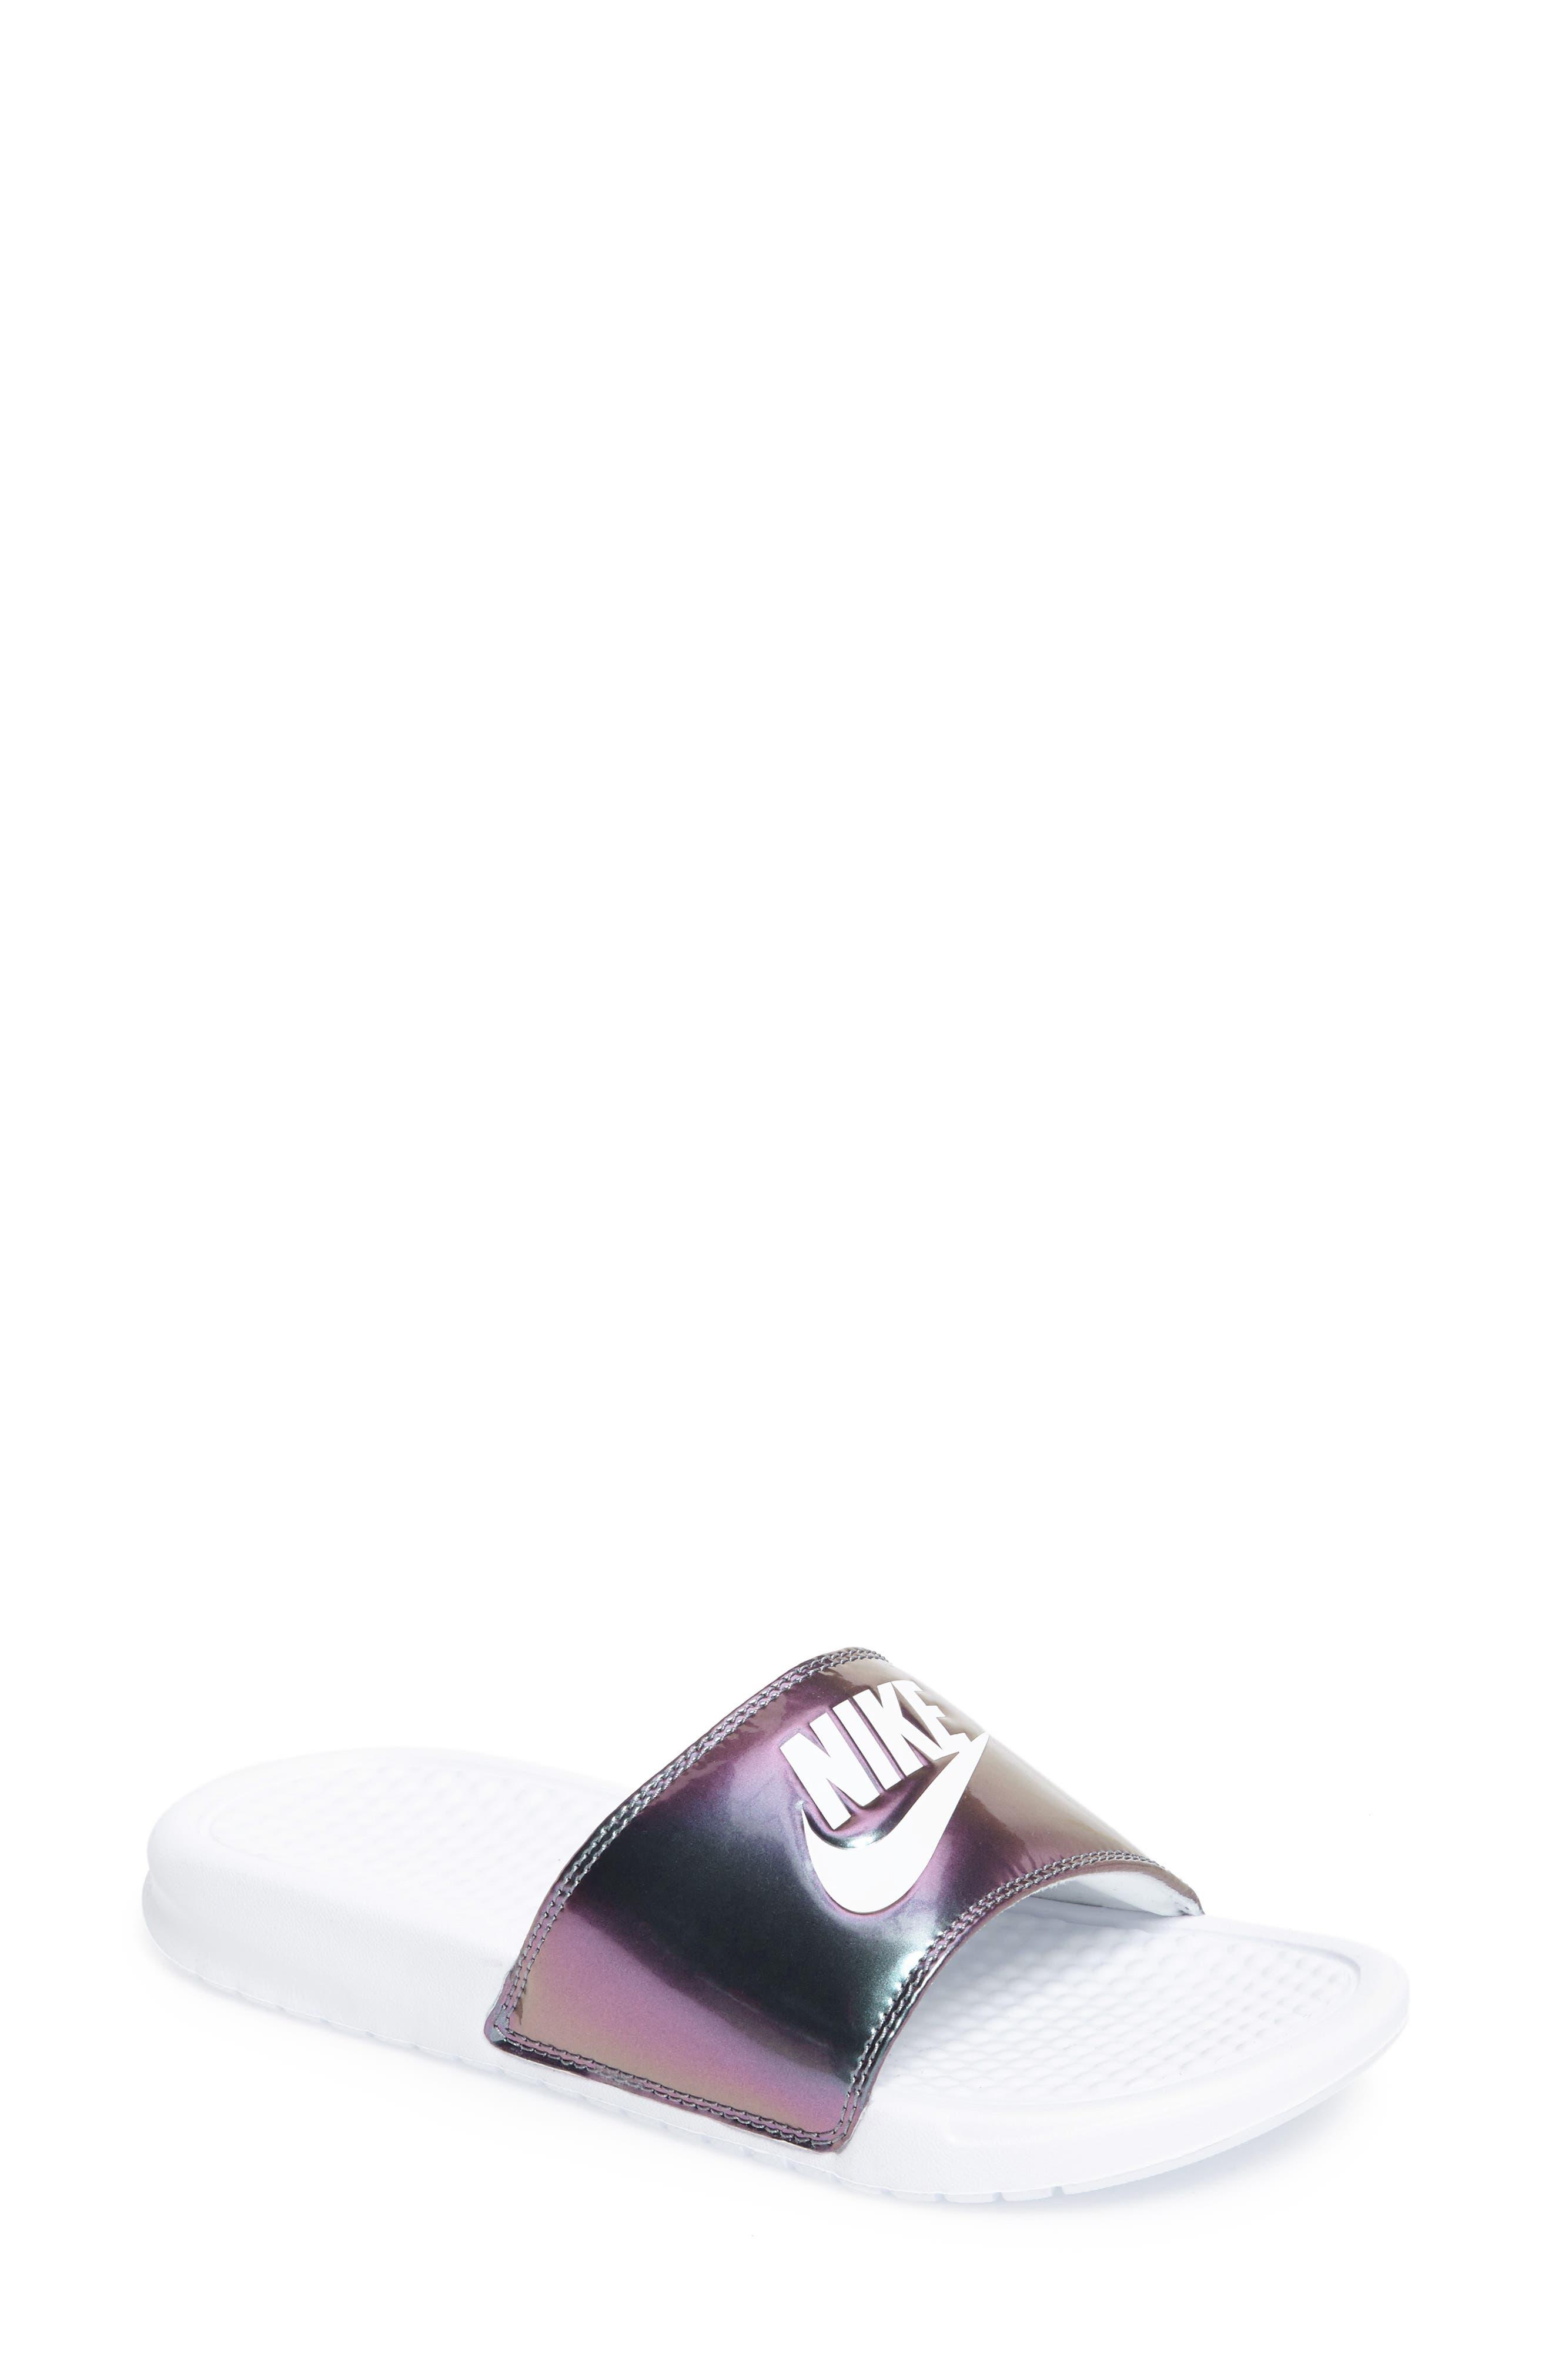 'Benassi - Just Do It' Print Sandal,                             Main thumbnail 1, color,                             White/ White